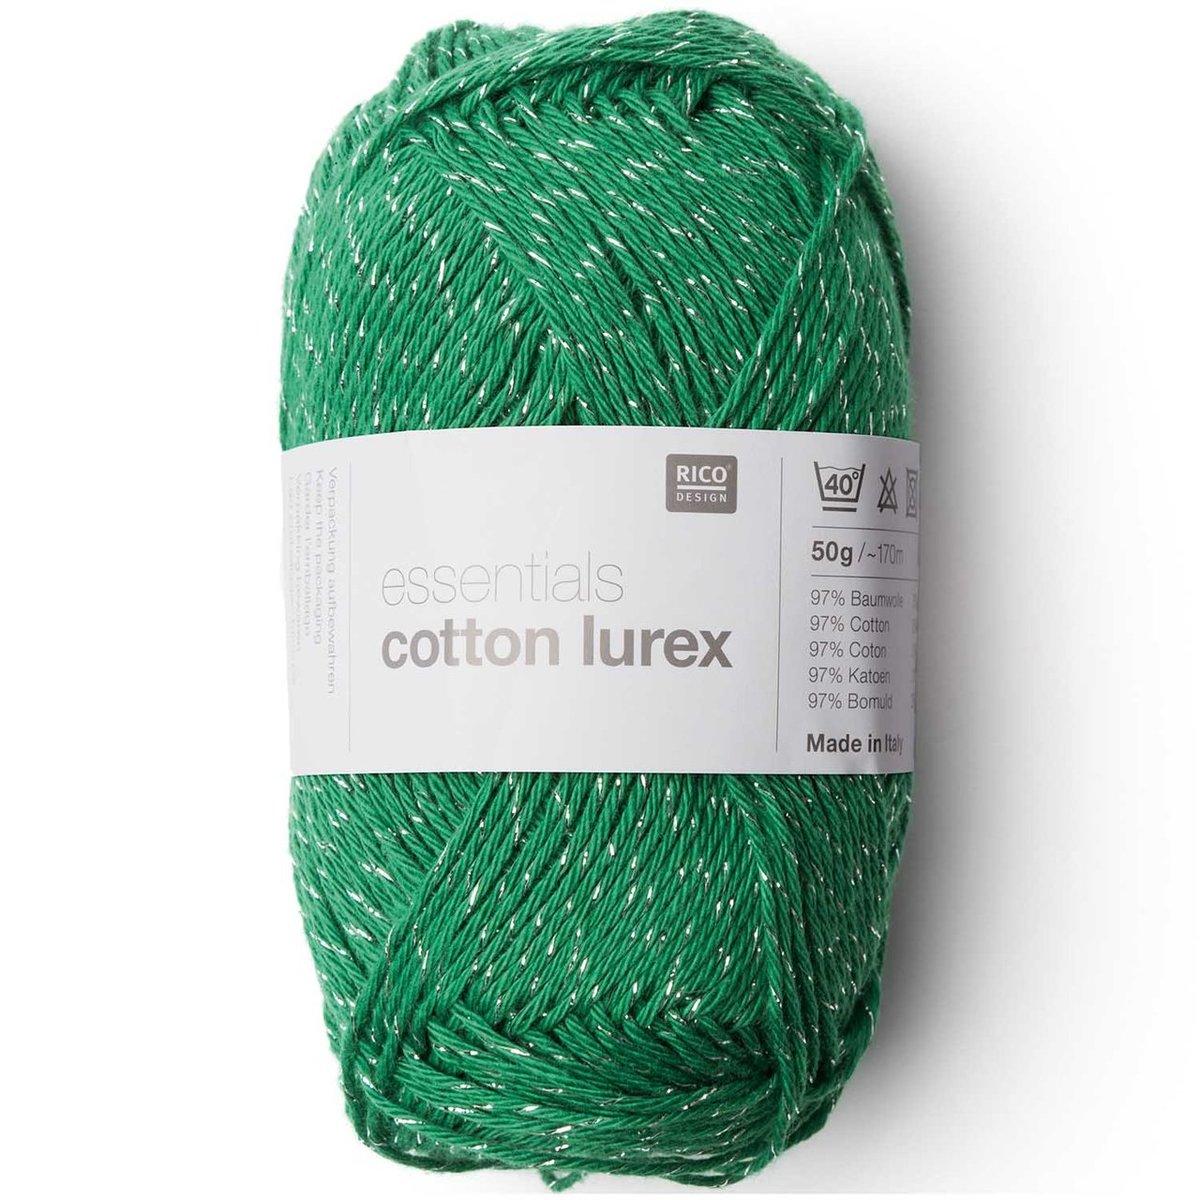 Bild 1 von Rico Design Essentials cotton Lurex 50g 170m